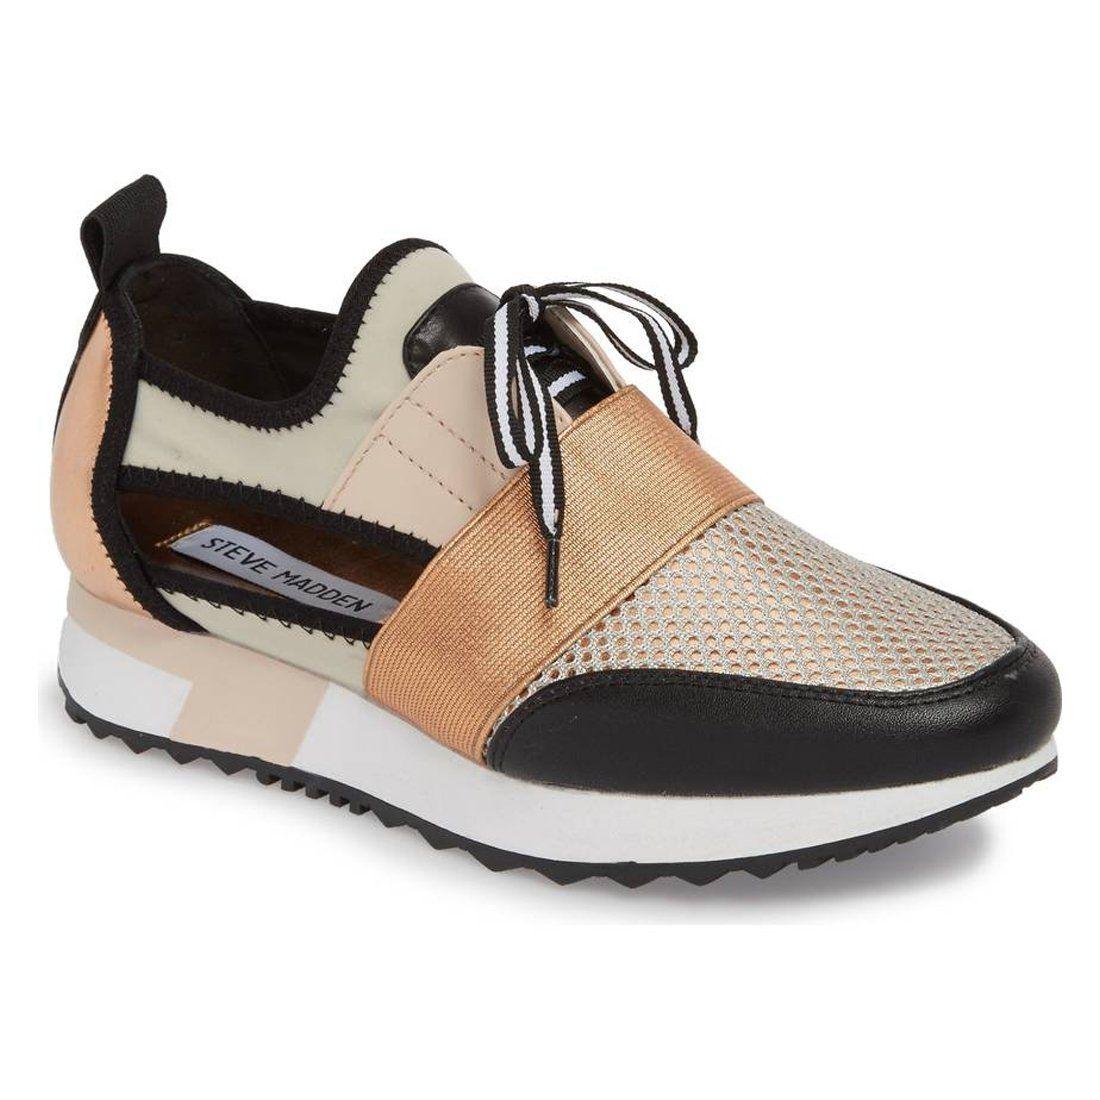 6eee6b100a7 STEVE MADDEN Arctic Sneaker Women